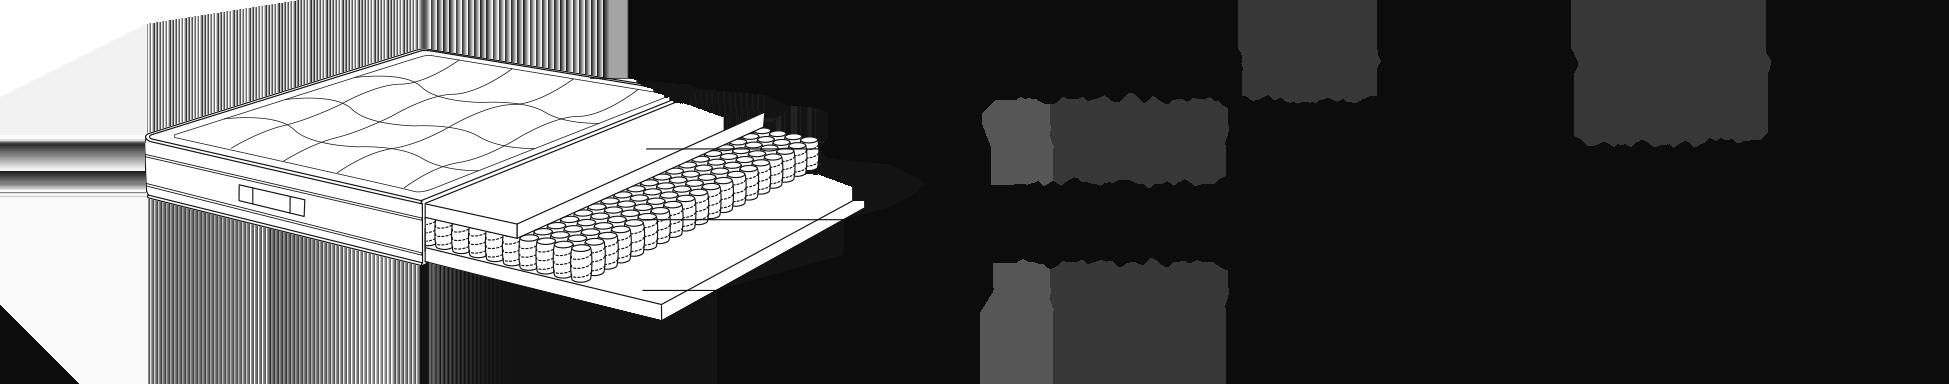 Composition du matelas : mousse BFOAM 40 kg / m3 (2 cm d'épaisseur), ressorts ensachés 7 zones (300 / m2) et mousse BFOAM 40 kg / m3 (2 cm d'épaisseur)